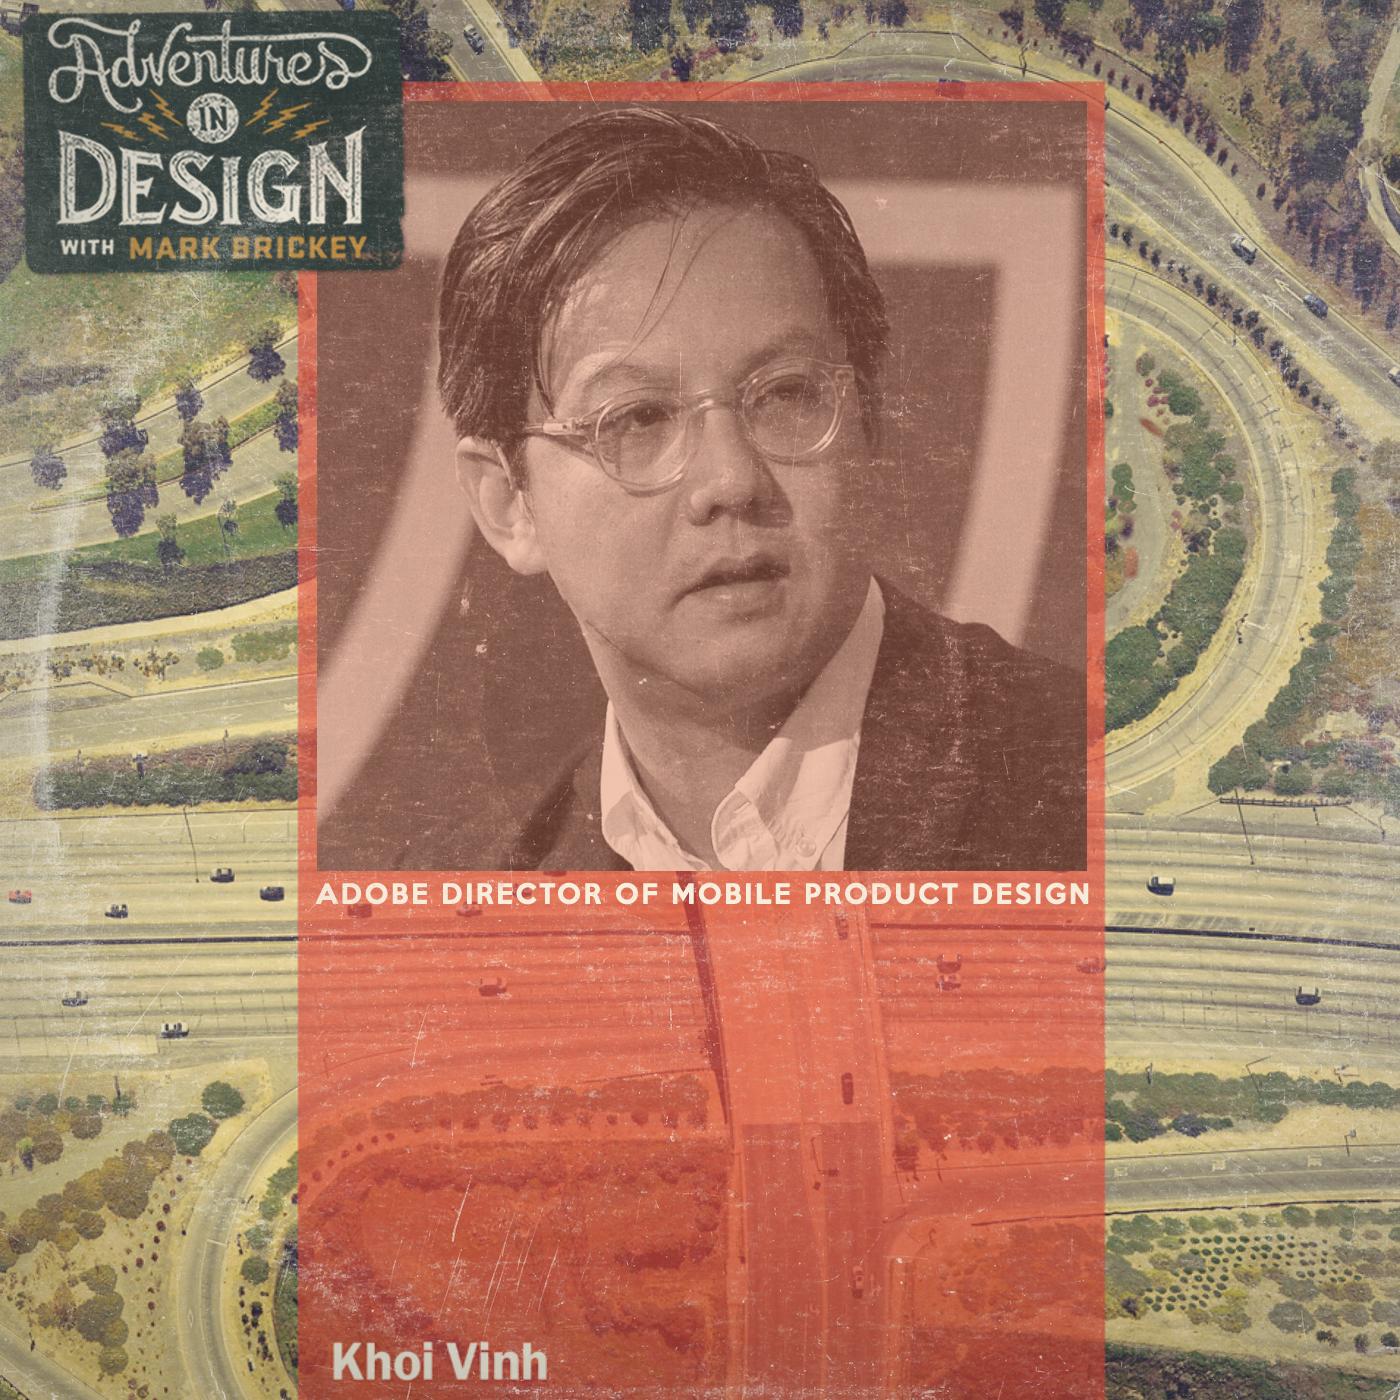 Episode 387 - Khoi Vinh Adobe Director of Mobile Product Design